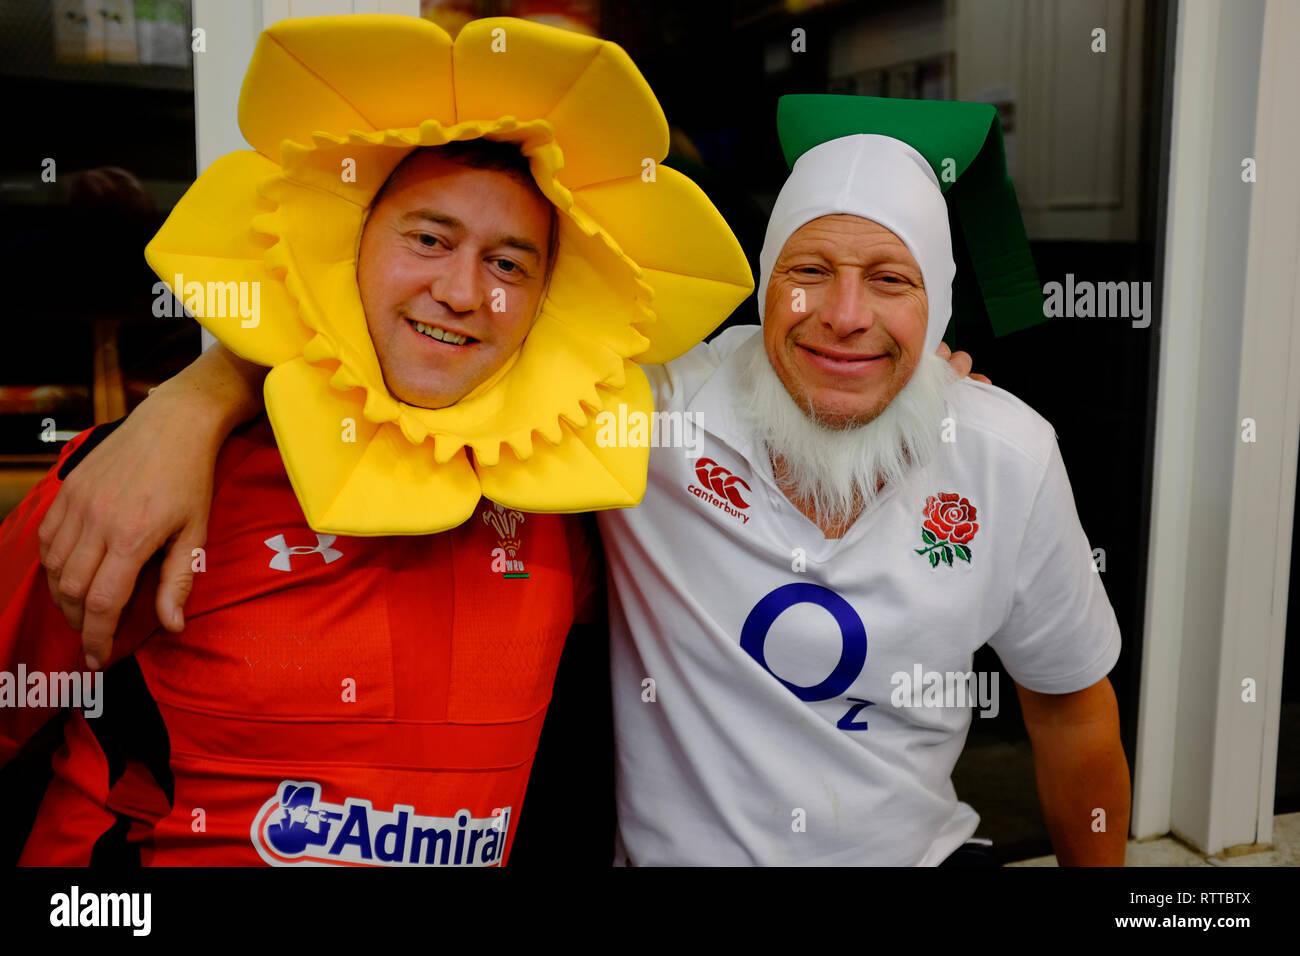 Inghilterra, Galles,Rugby,sostenitori,a,da asporto,,kebab shop, vestito,As,daffodil, fancy,abito, Immagini Stock